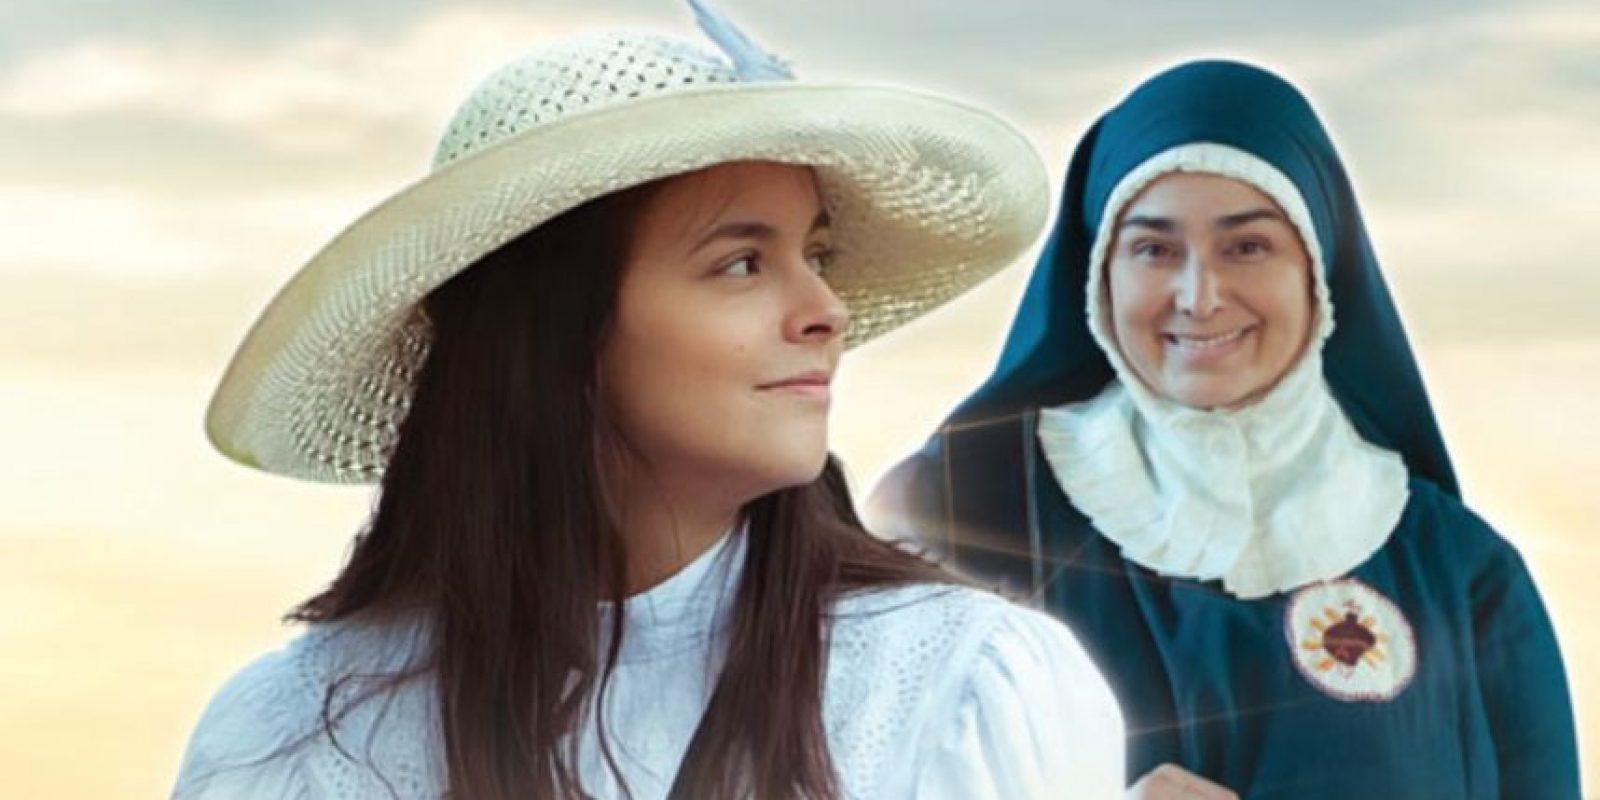 Julieth Restrepo y Linda Lucía Callejas interpretaron a la santa Laura Montoya. Foto:Canal Caracol